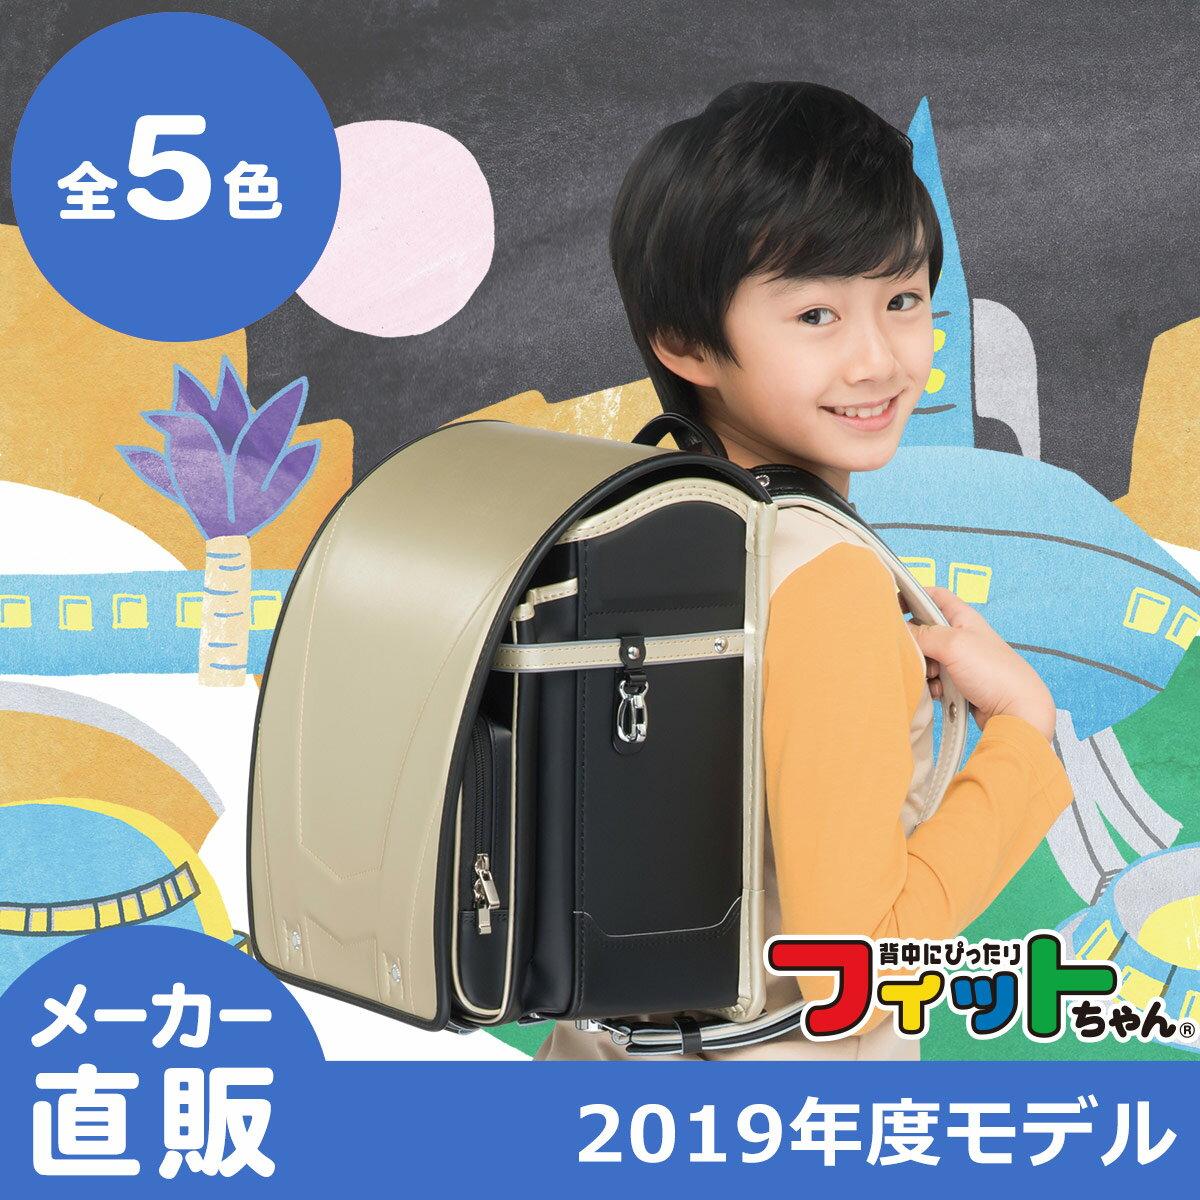 ランドセル フィットちゃん 男の子 ハンサムボーイ(FIT-211Z)2019年モデル フィットちゃんランドセルA4フラットファイル収納サイズ